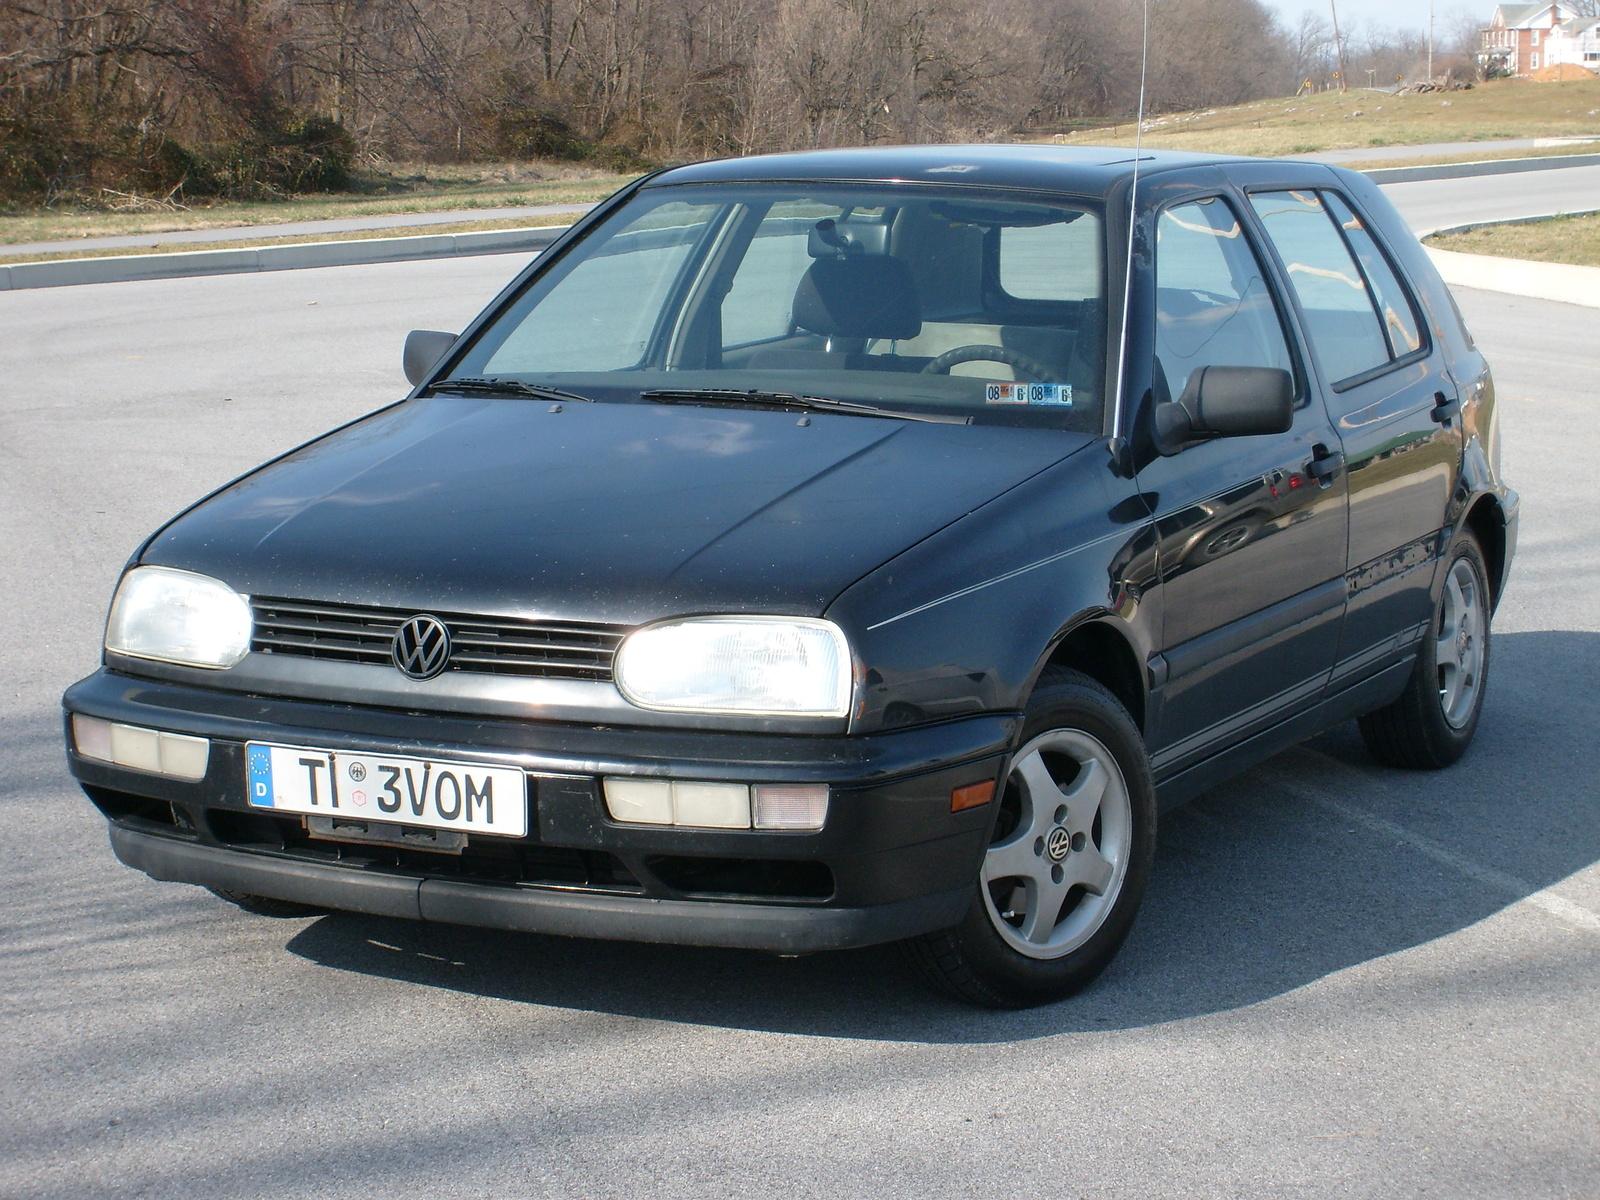 1998 vw jetta with 1996 Volkswagen Golf 4 Dr Gl Hatchback Pictures T23446 Pi21687206 on 8243943 as well 1996 Volkswagen Golf 4 Dr Gl Hatchback Pictures T23446 pi21687206 furthermore 080902 Pindex in addition Volkswagen Golf Iii Cabrio 1993 additionally Volkswagen Ventojetta 1992.